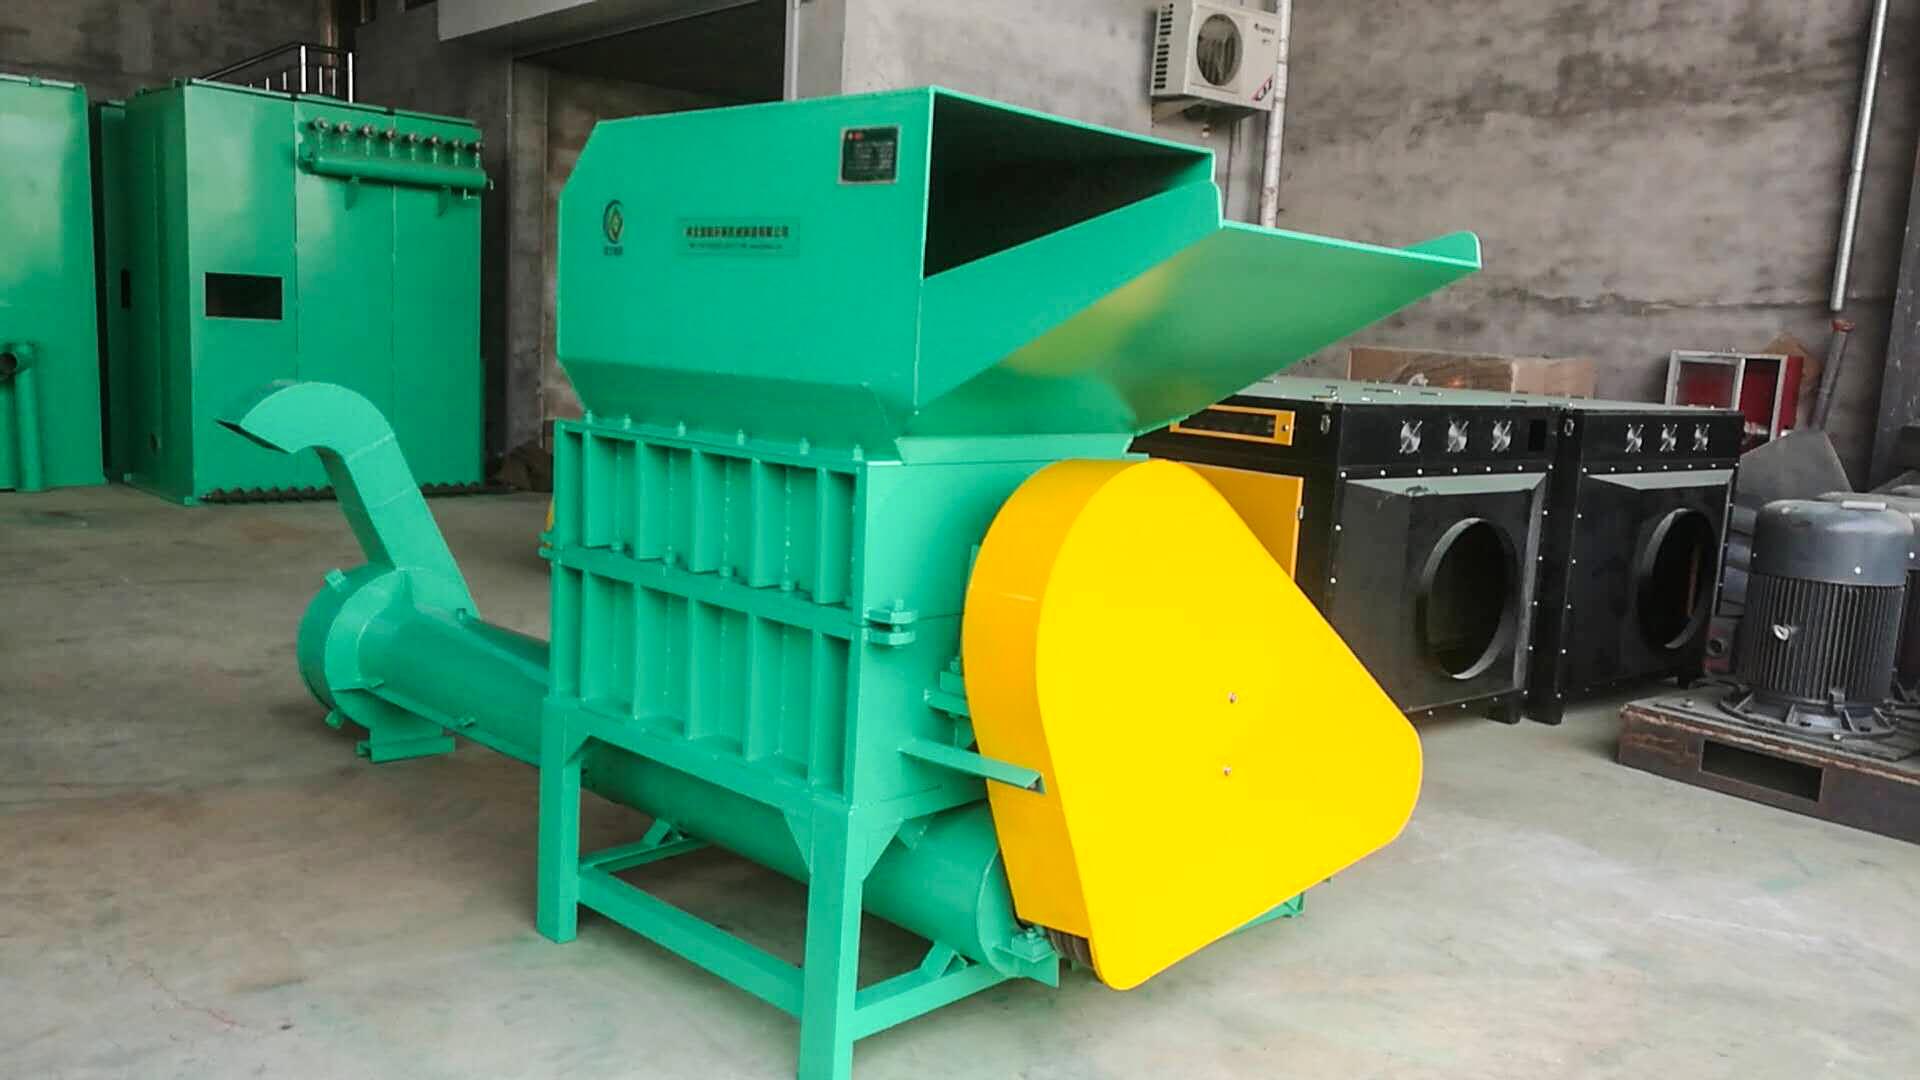 【塑料破碎机】PVC板材破碎机/塑料破碎机生产厂家